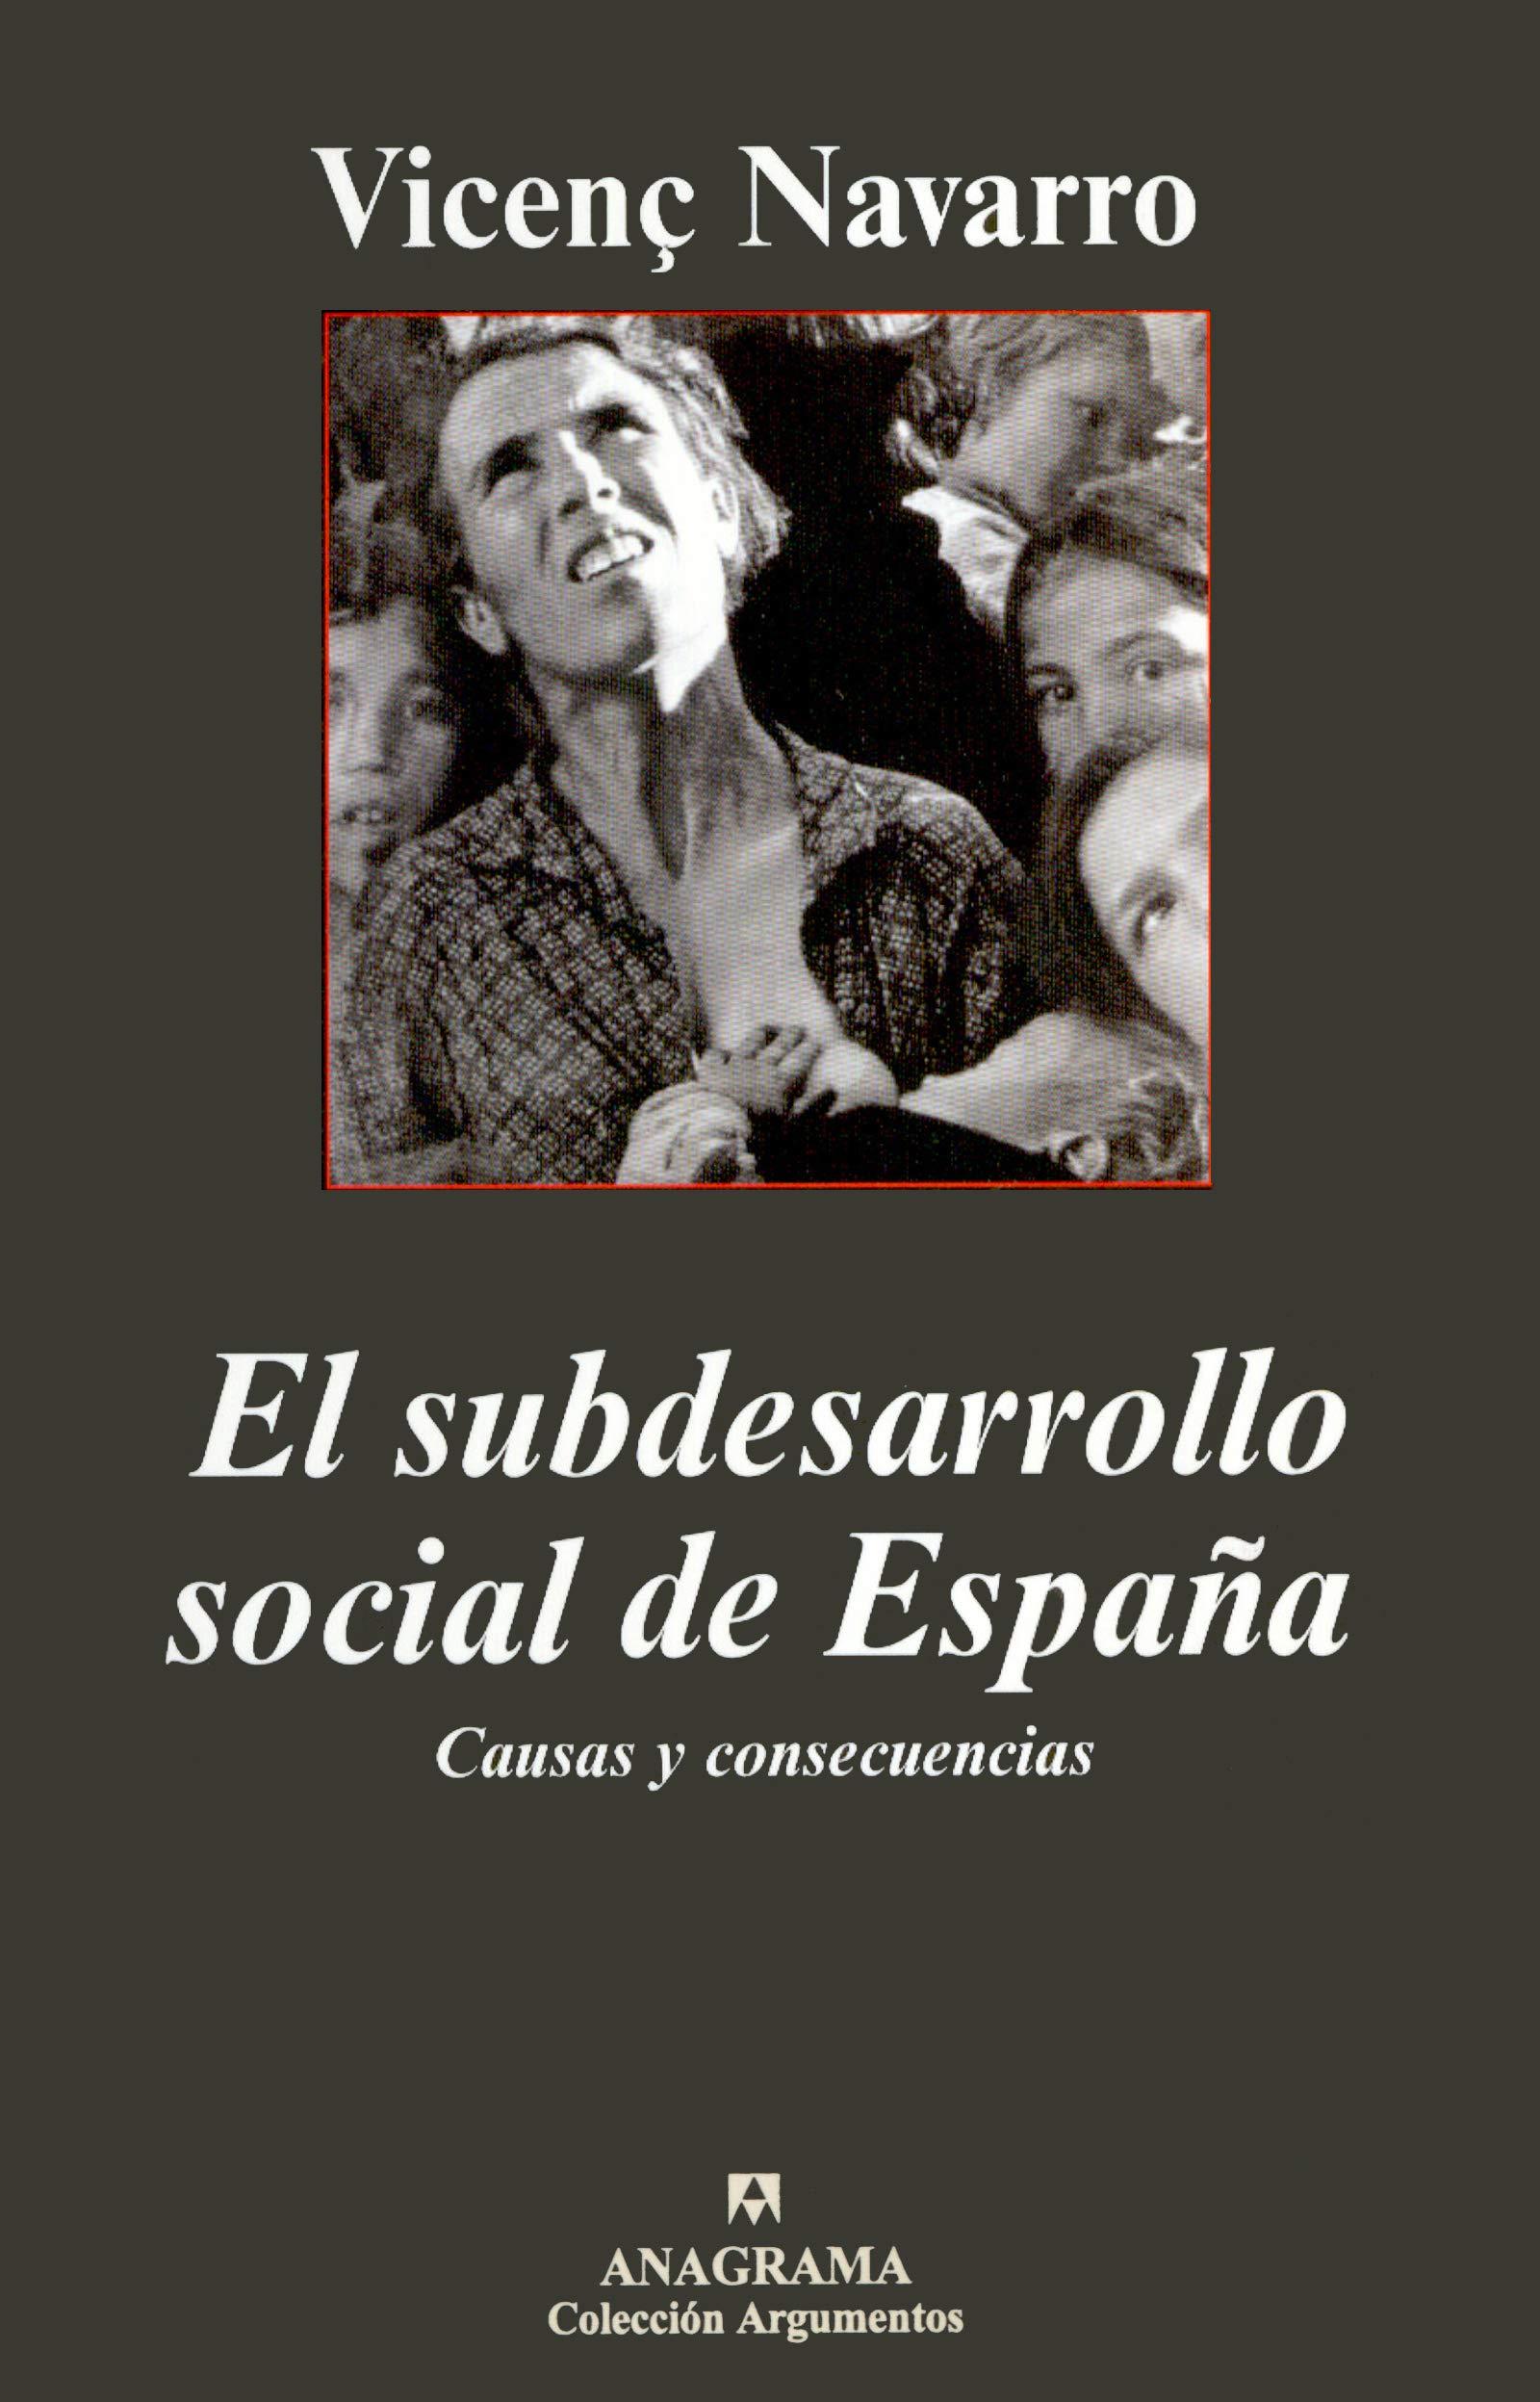 El subdesarrollo social de España. Causas y consecuencias Argumentos: Amazon.es: Navarro, Vicenç: Libros